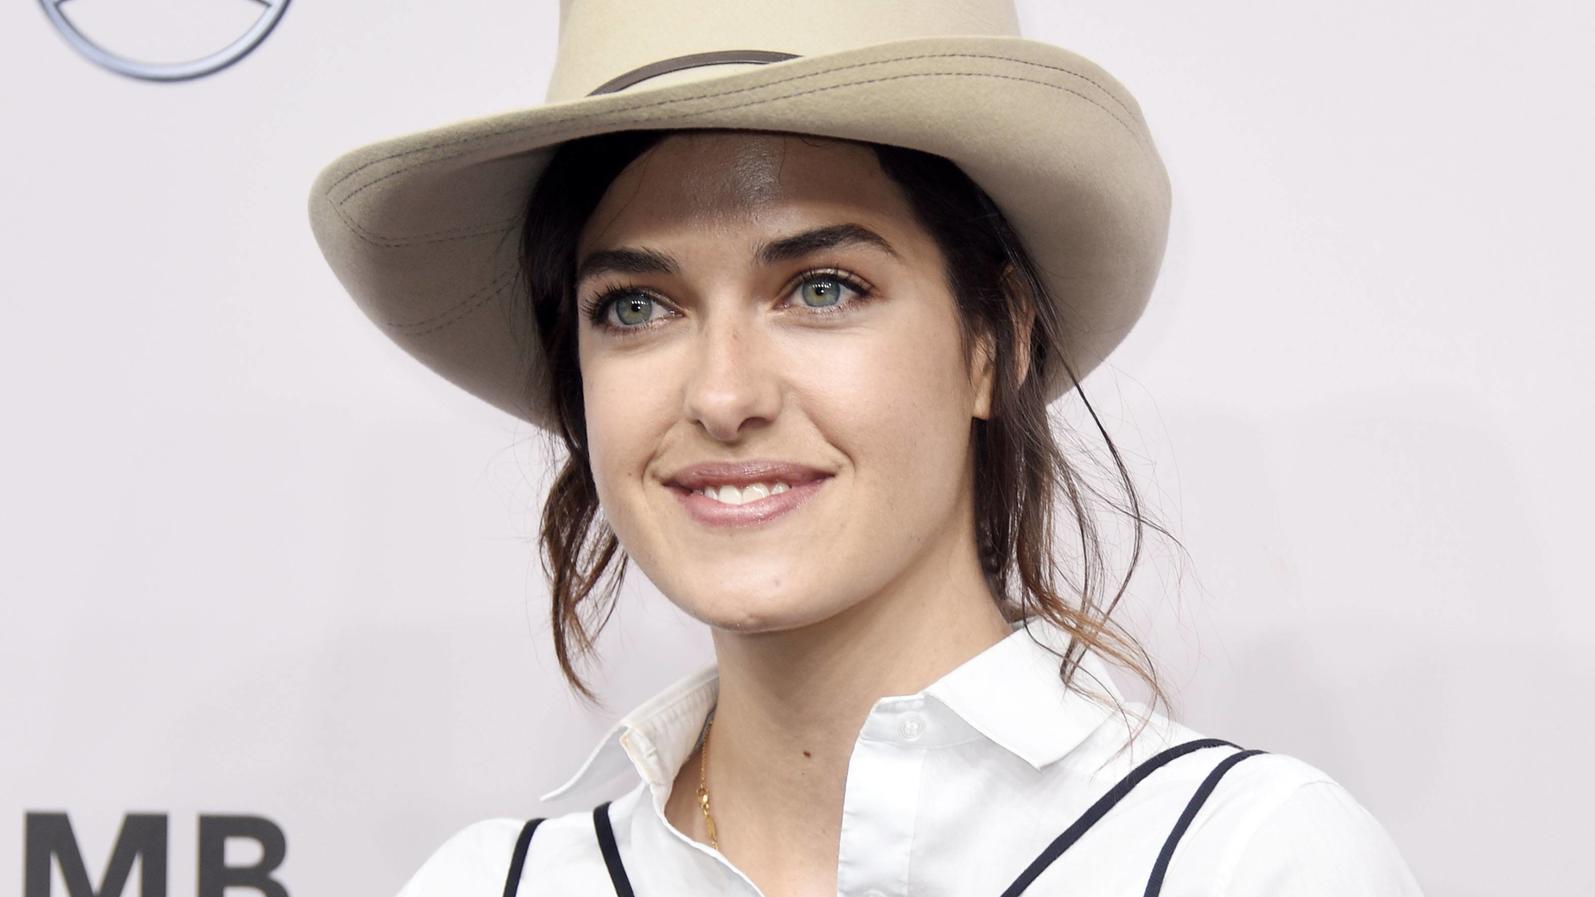 marie-nasemann-bei-der-neonyt-fashion-show-im-rahmen-der-berlin-fashion-week-2020